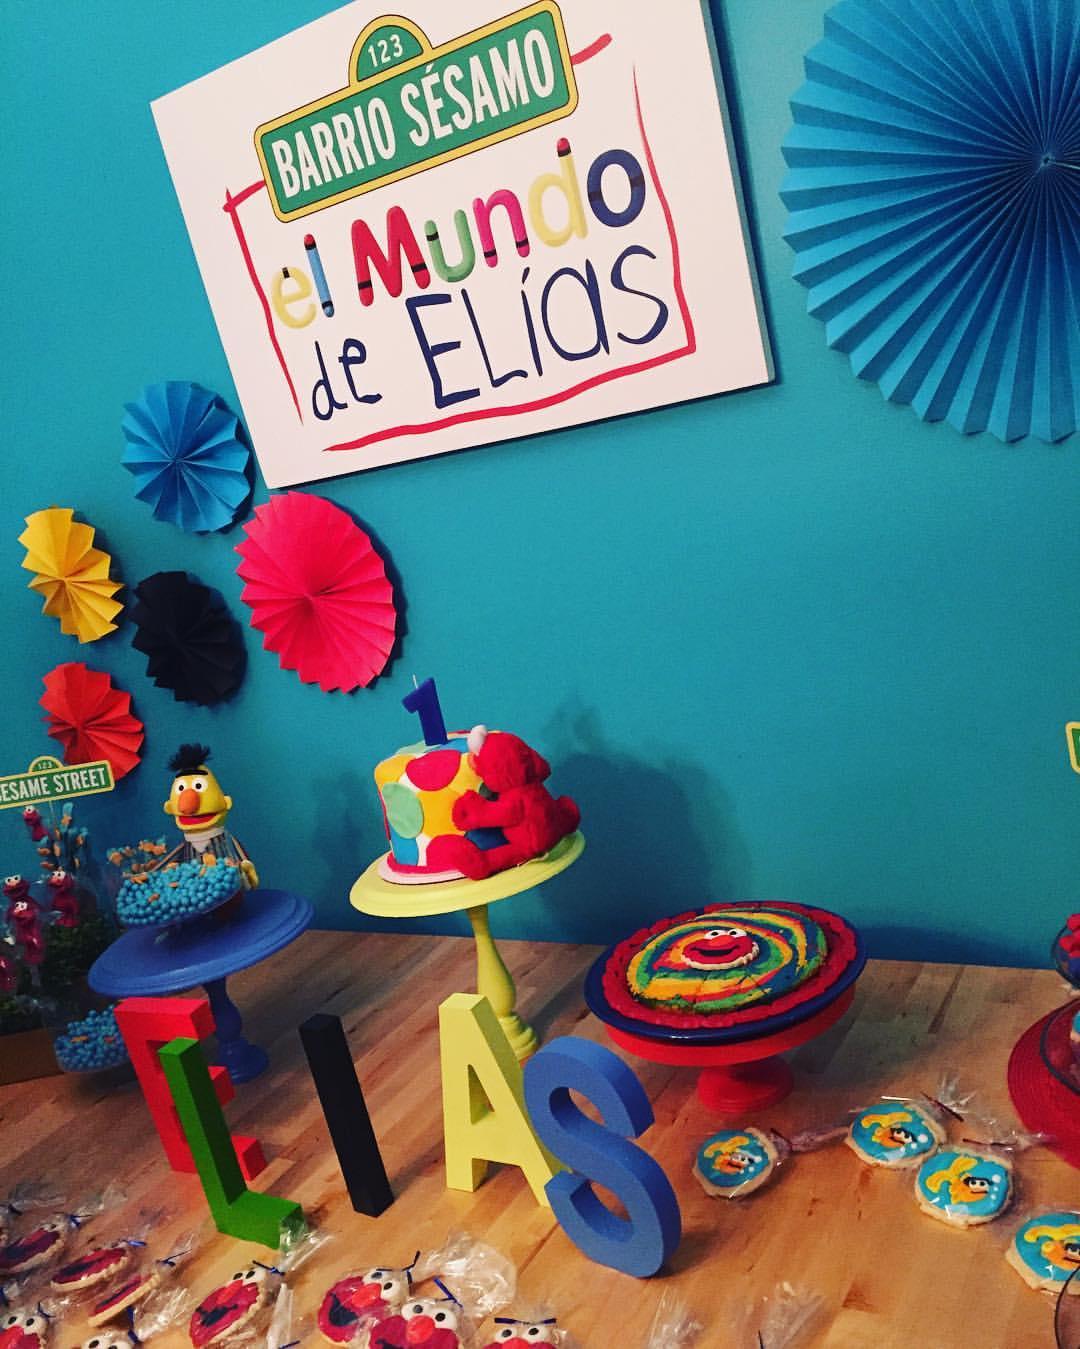 Awesome El Mundo de Elías birthday sign made by Nico